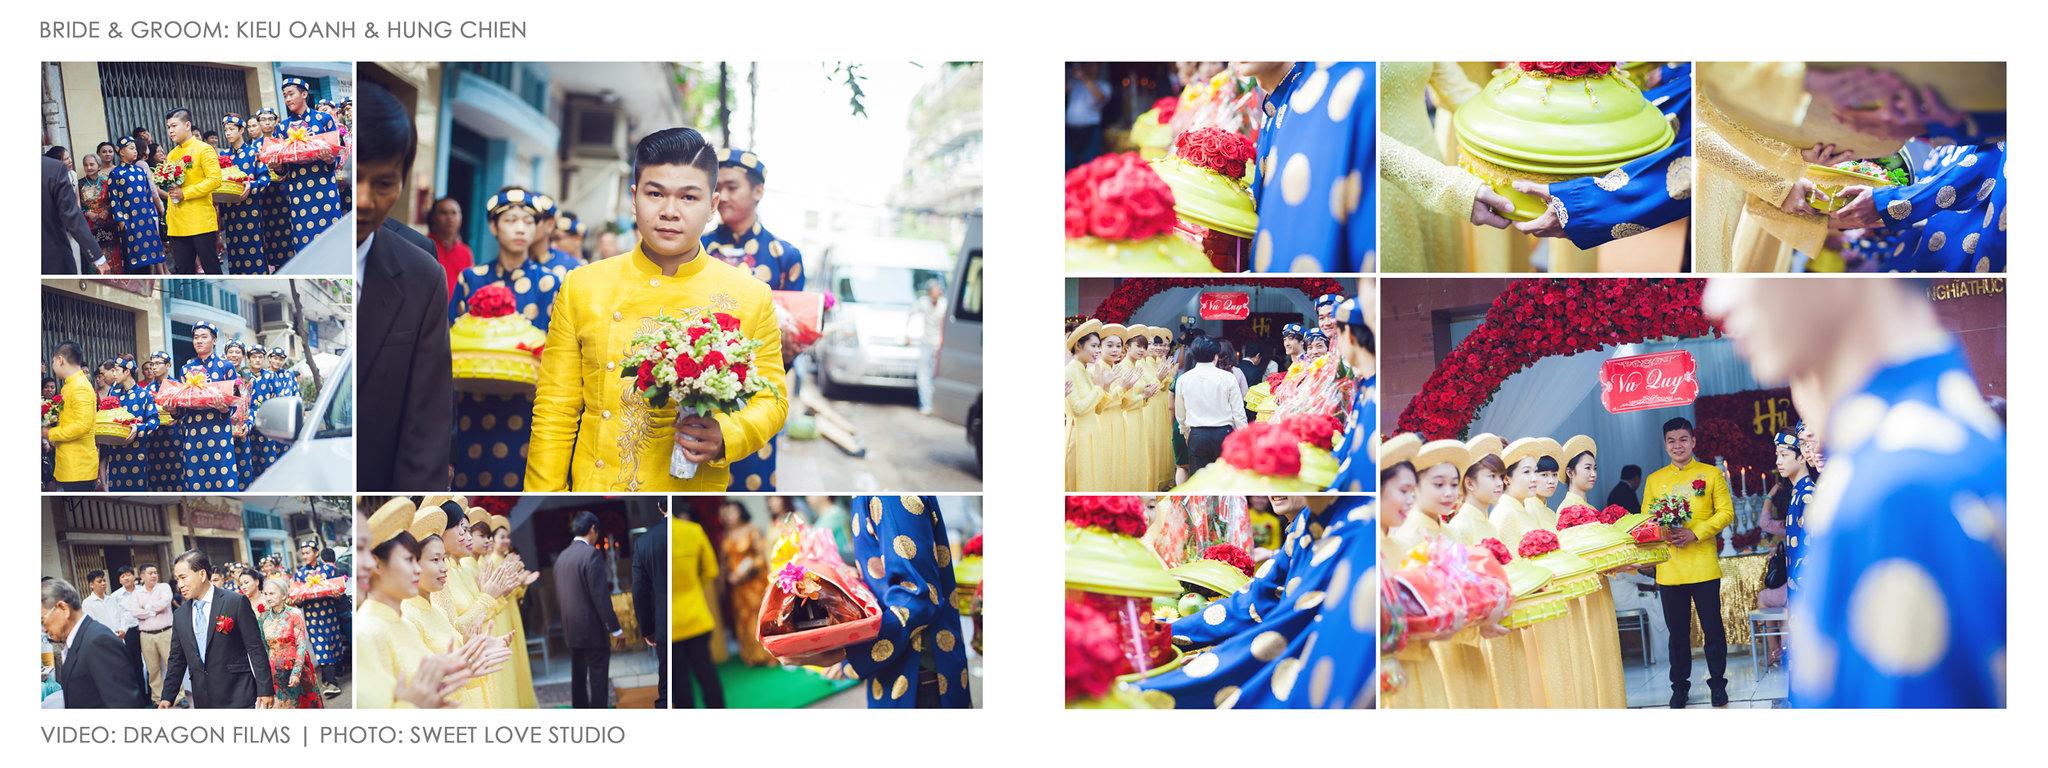 Chup-anh-cuoi-phong-su-Kieu-Oanh-Hung-Chien-06